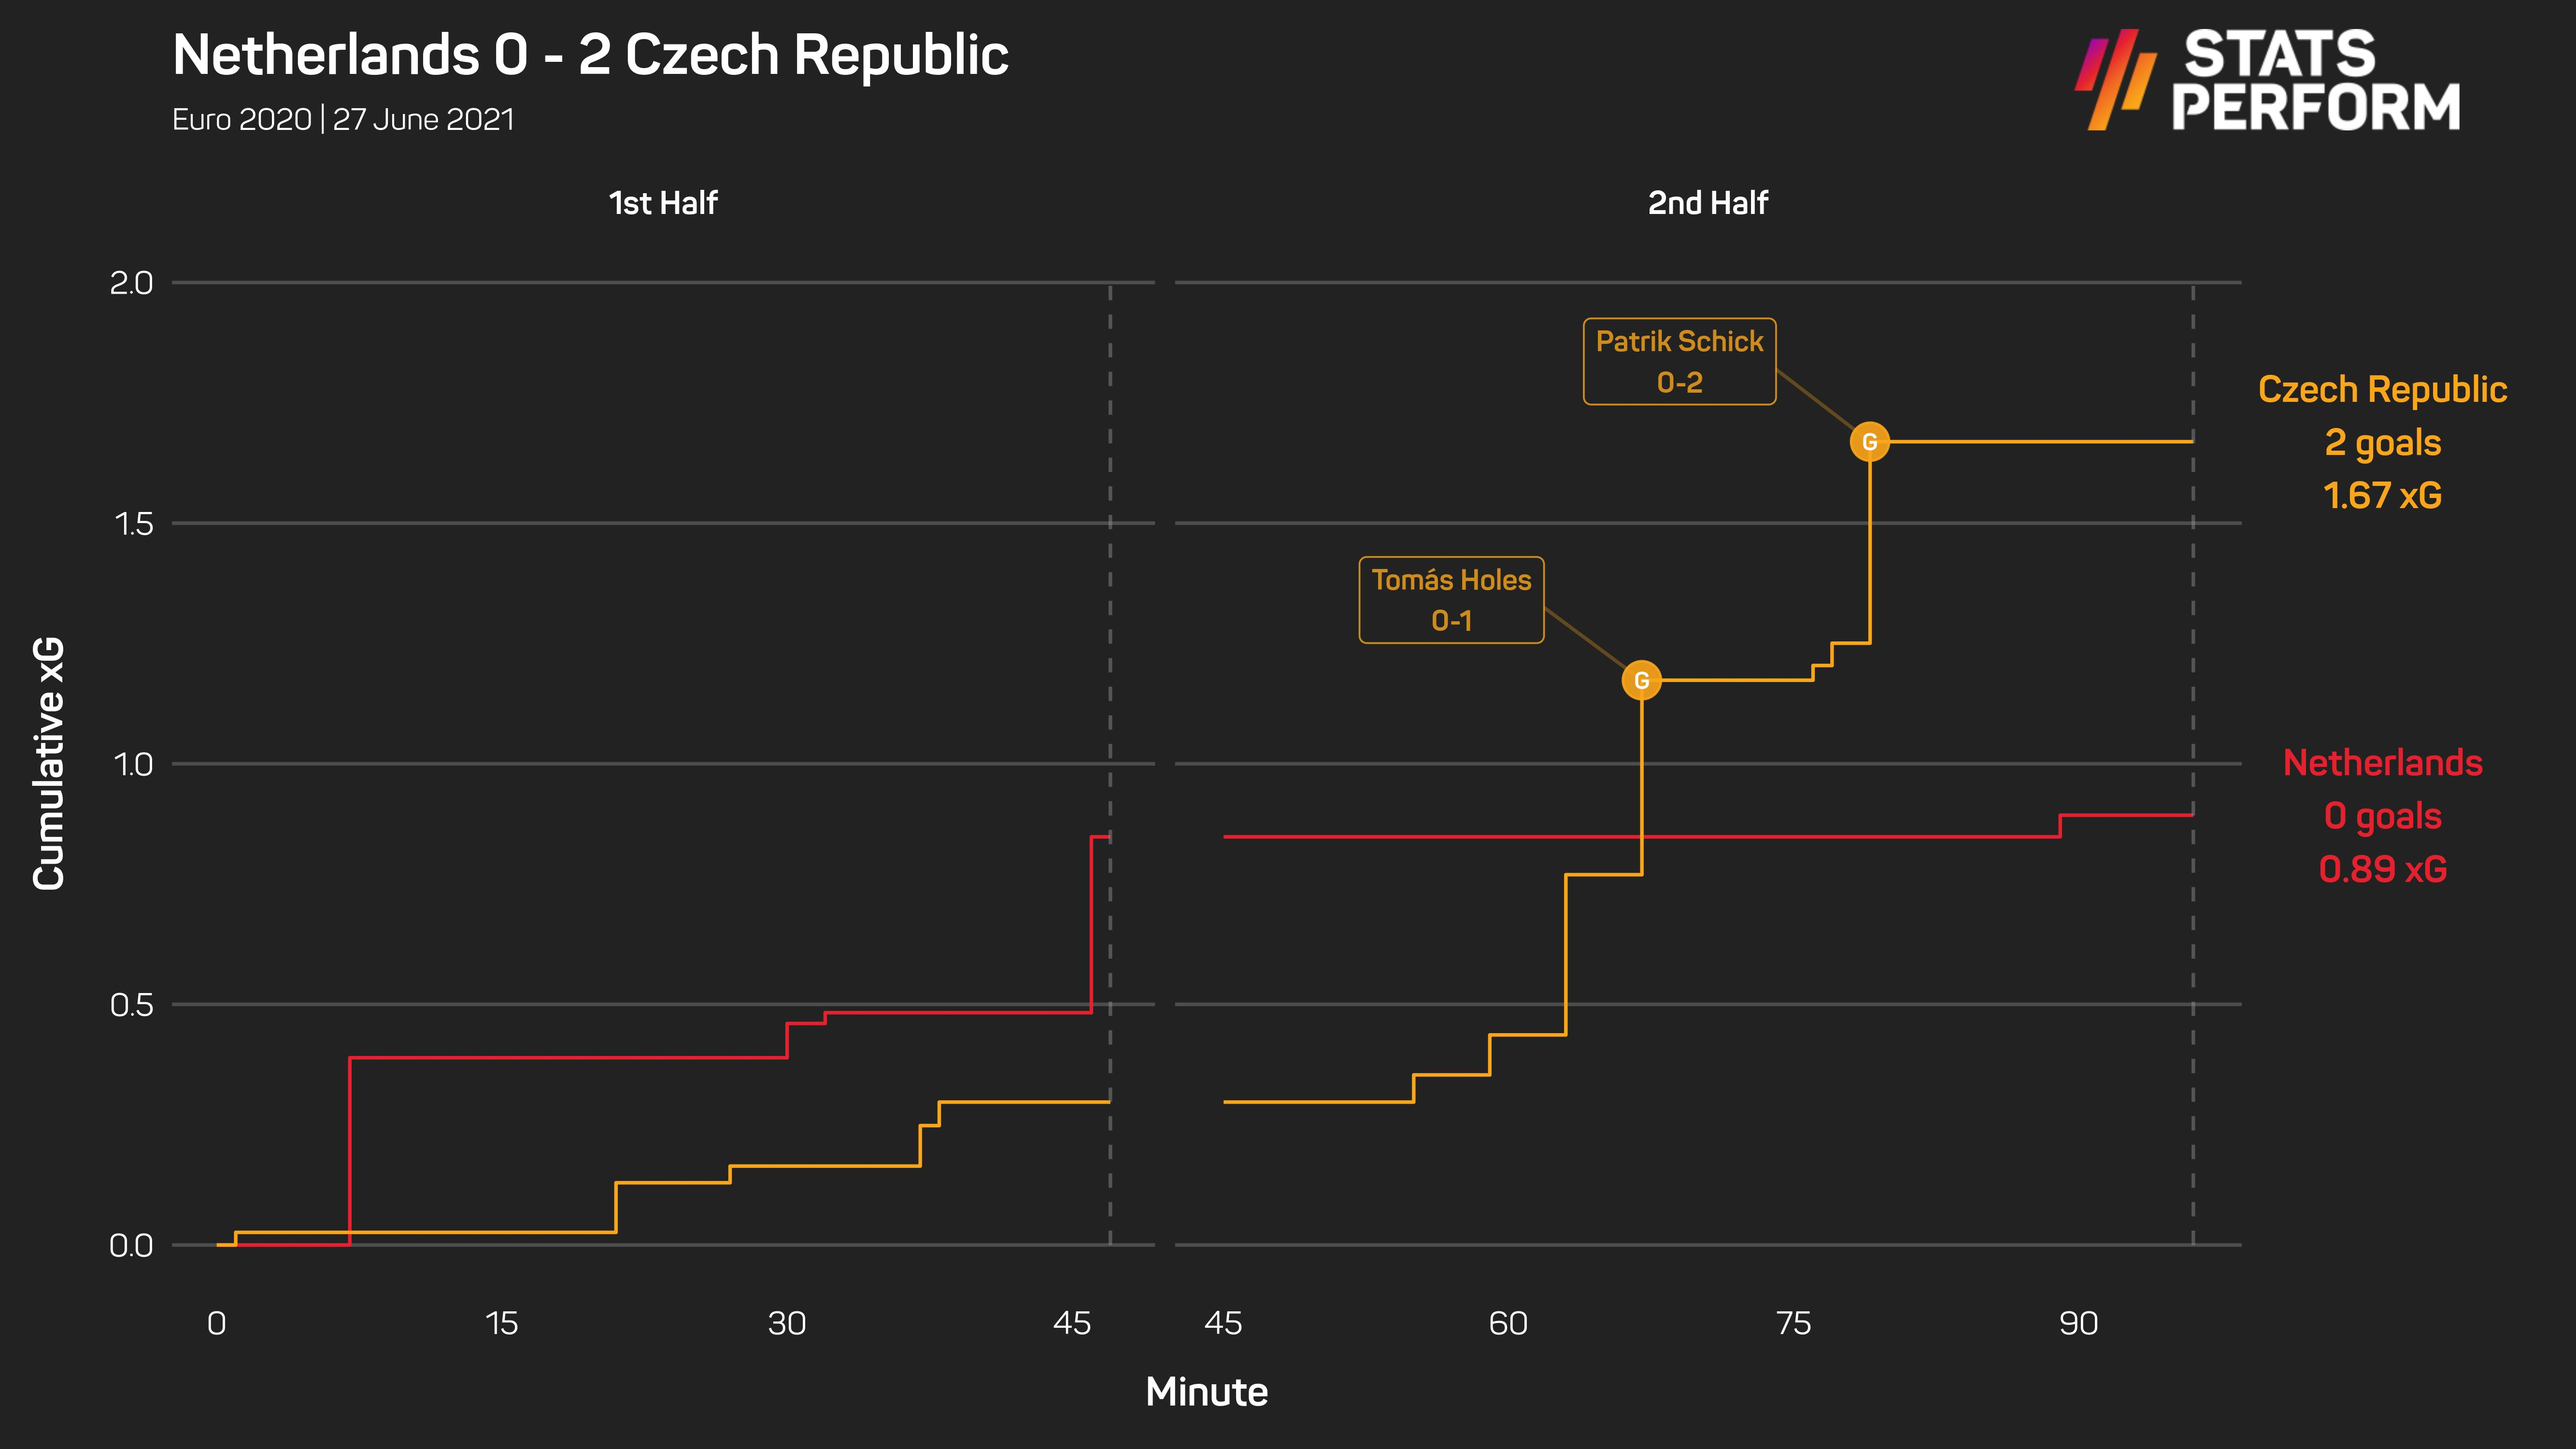 Netherlands 0-2 Czech Republic